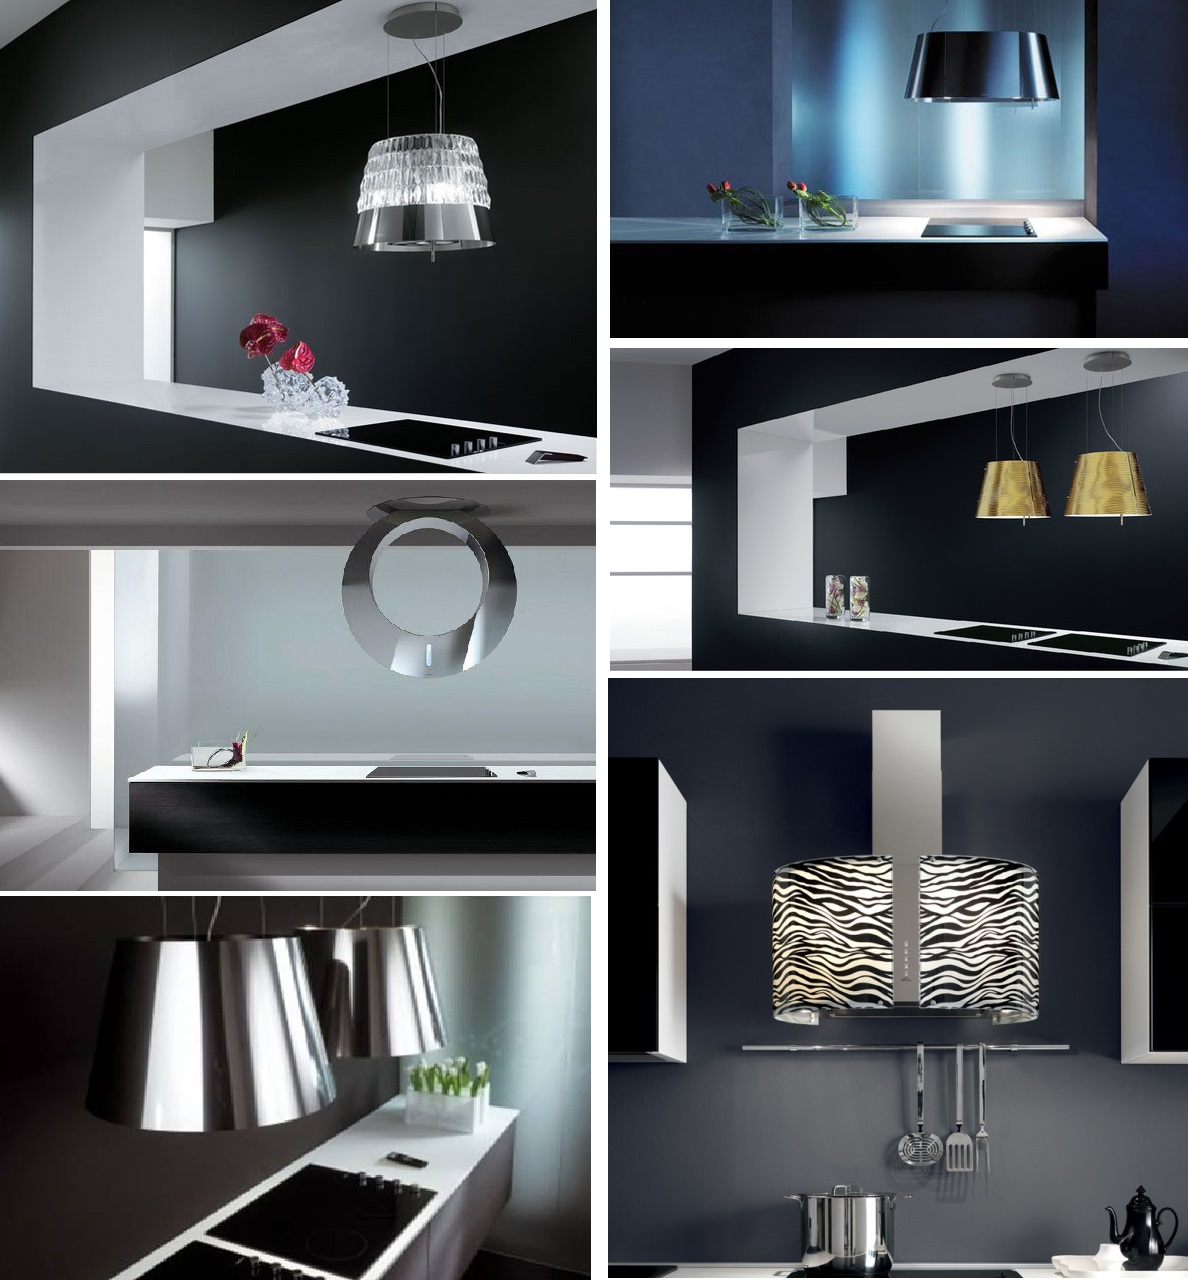 Design na cozinha contemporânea: ilhas e penínsulas #786F4A 1188 1280